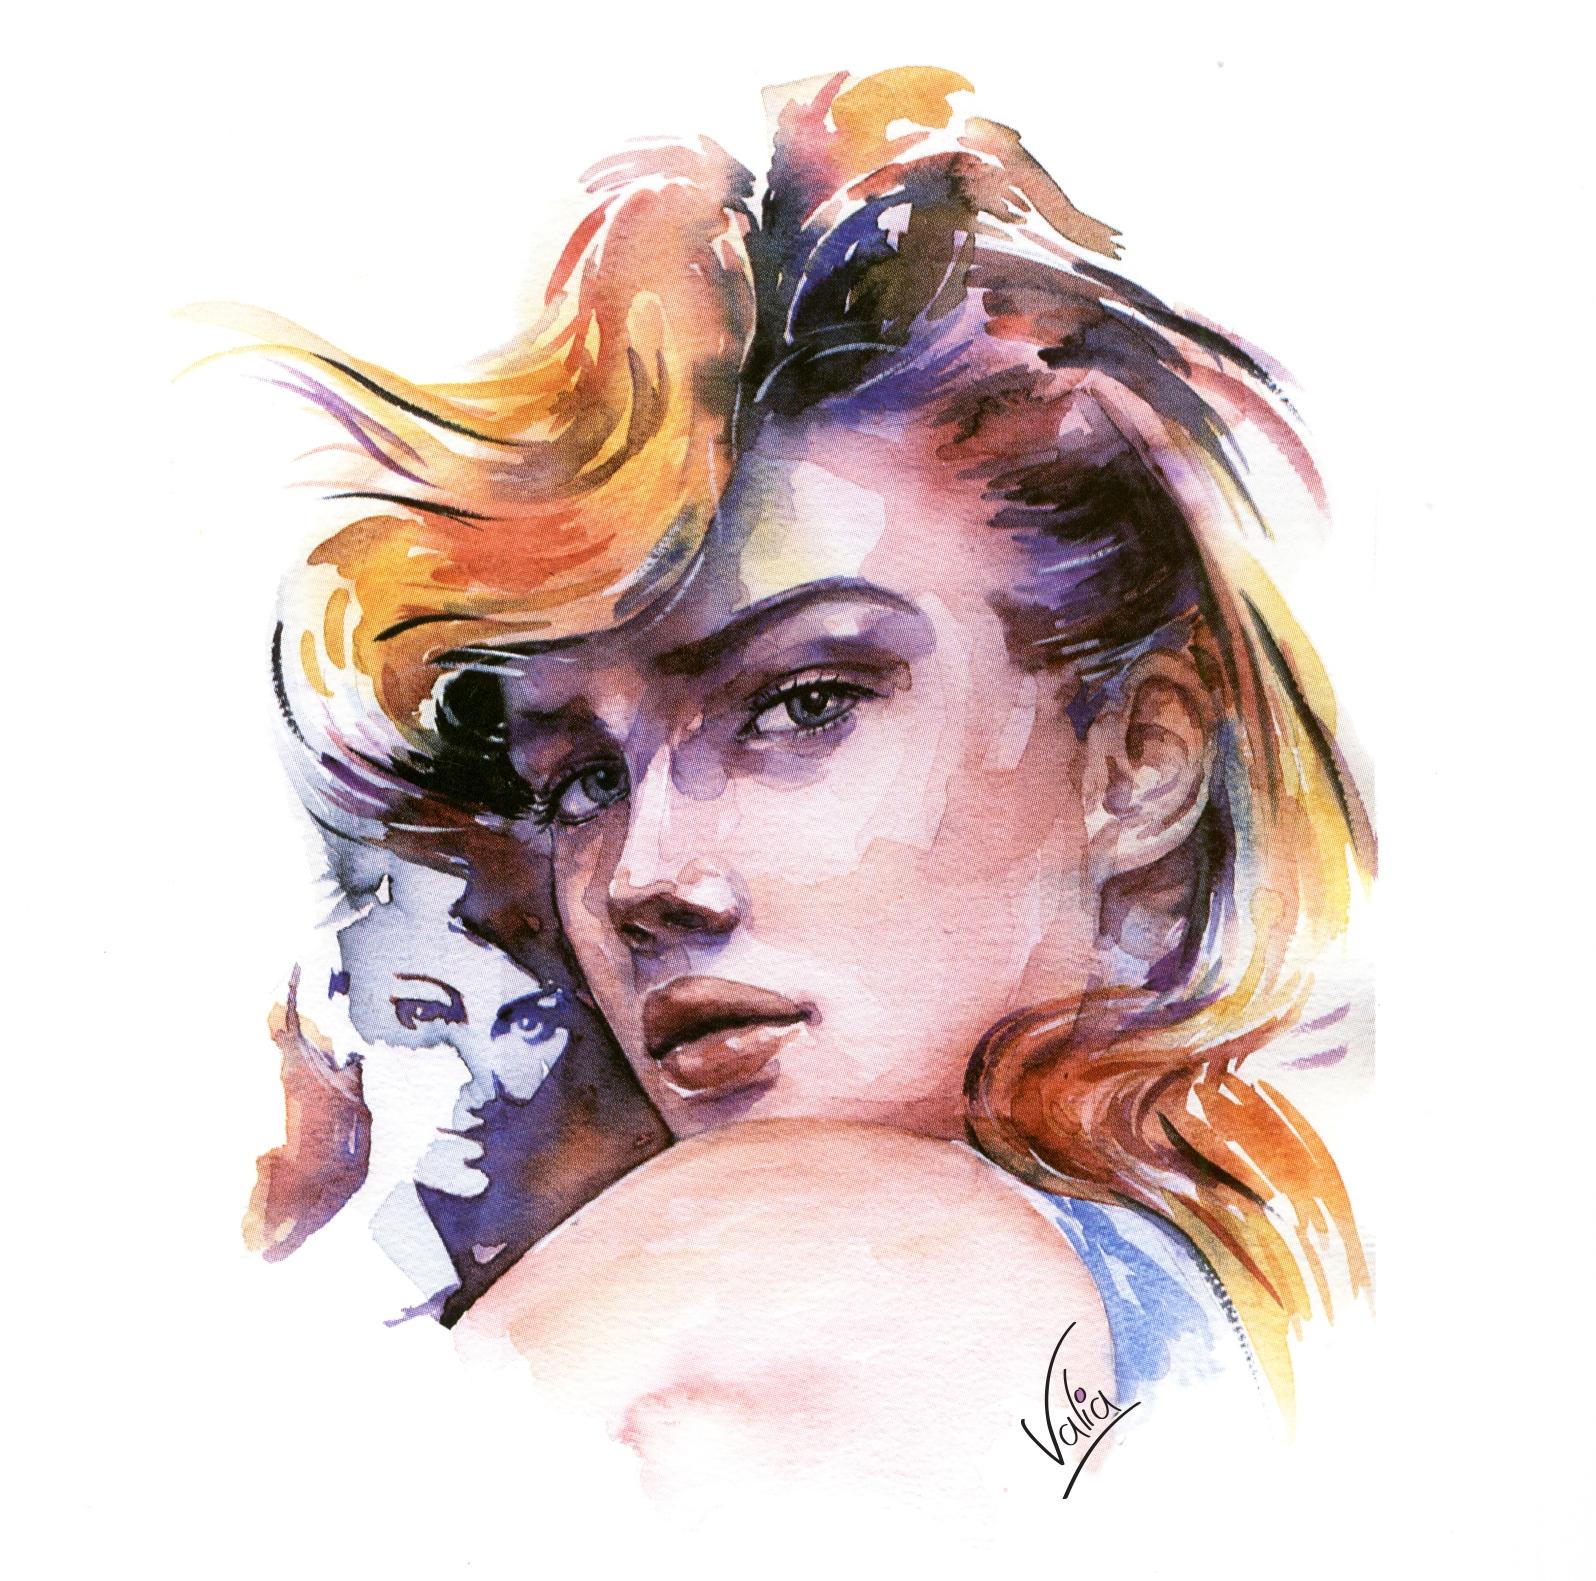 face - painting - valiaart | ello